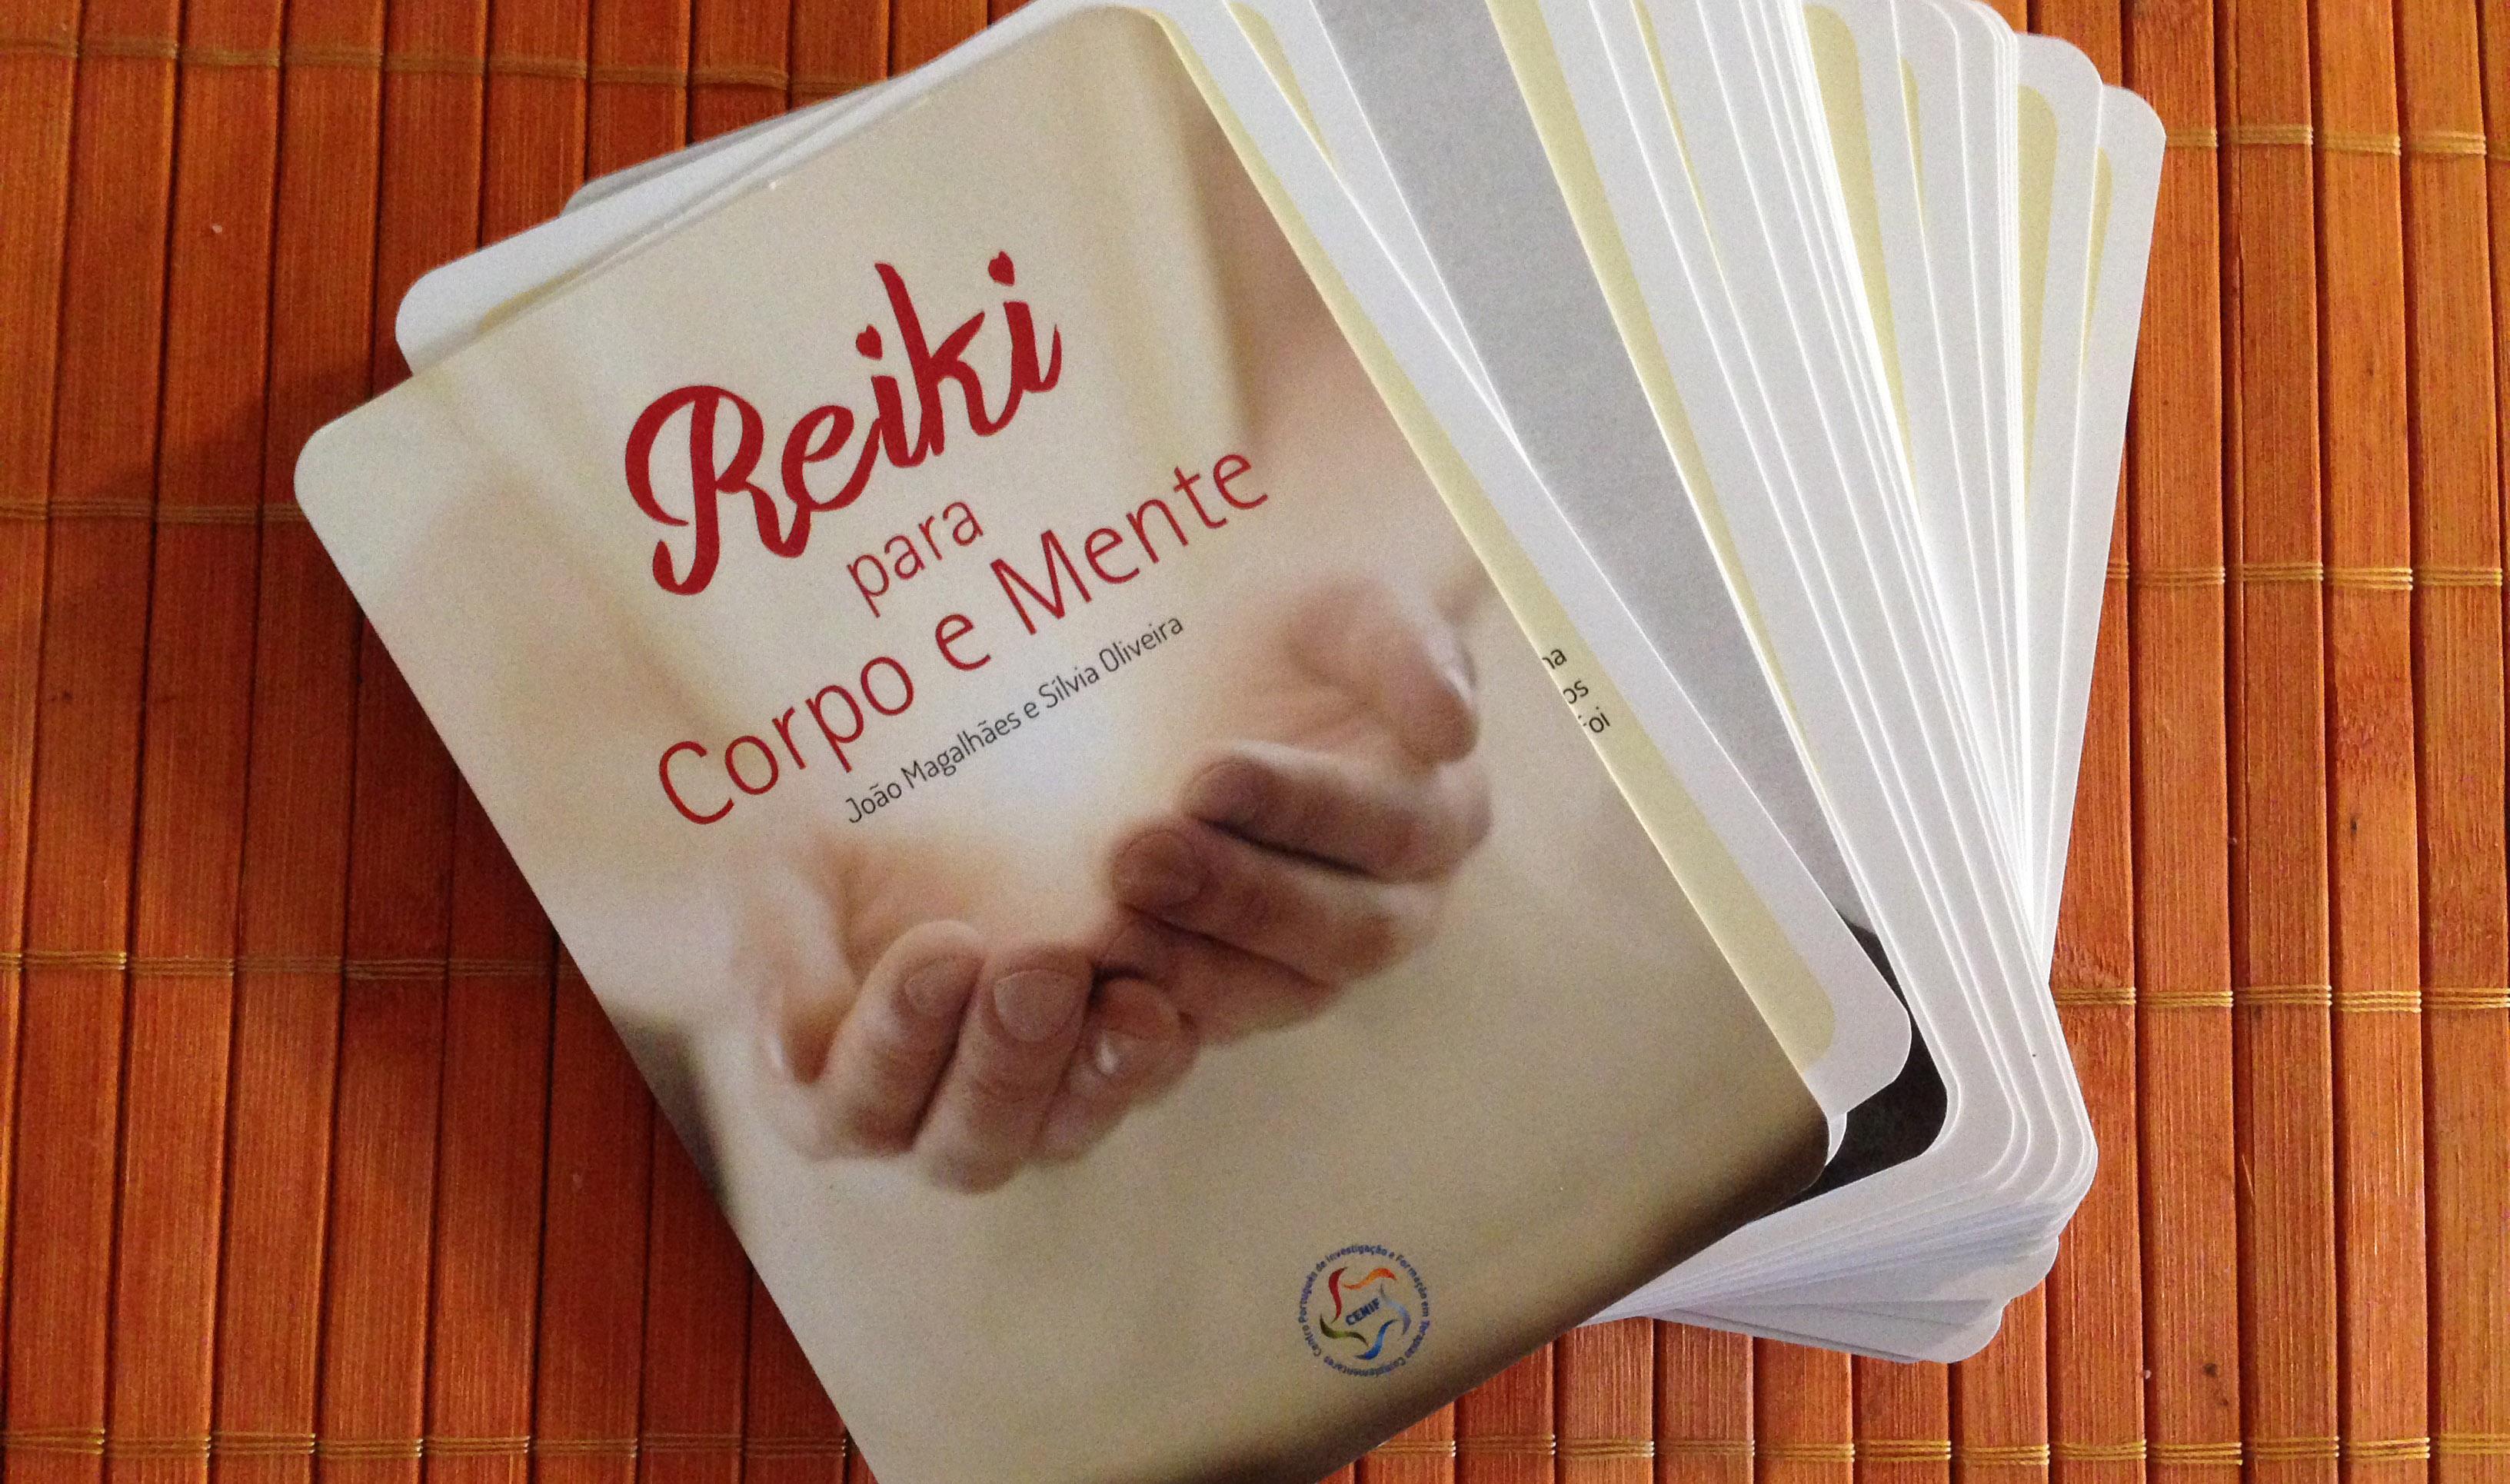 Reiki para o Corpo e Mente – cartas técnicas por João Magalhães e Sílvia Oliveira